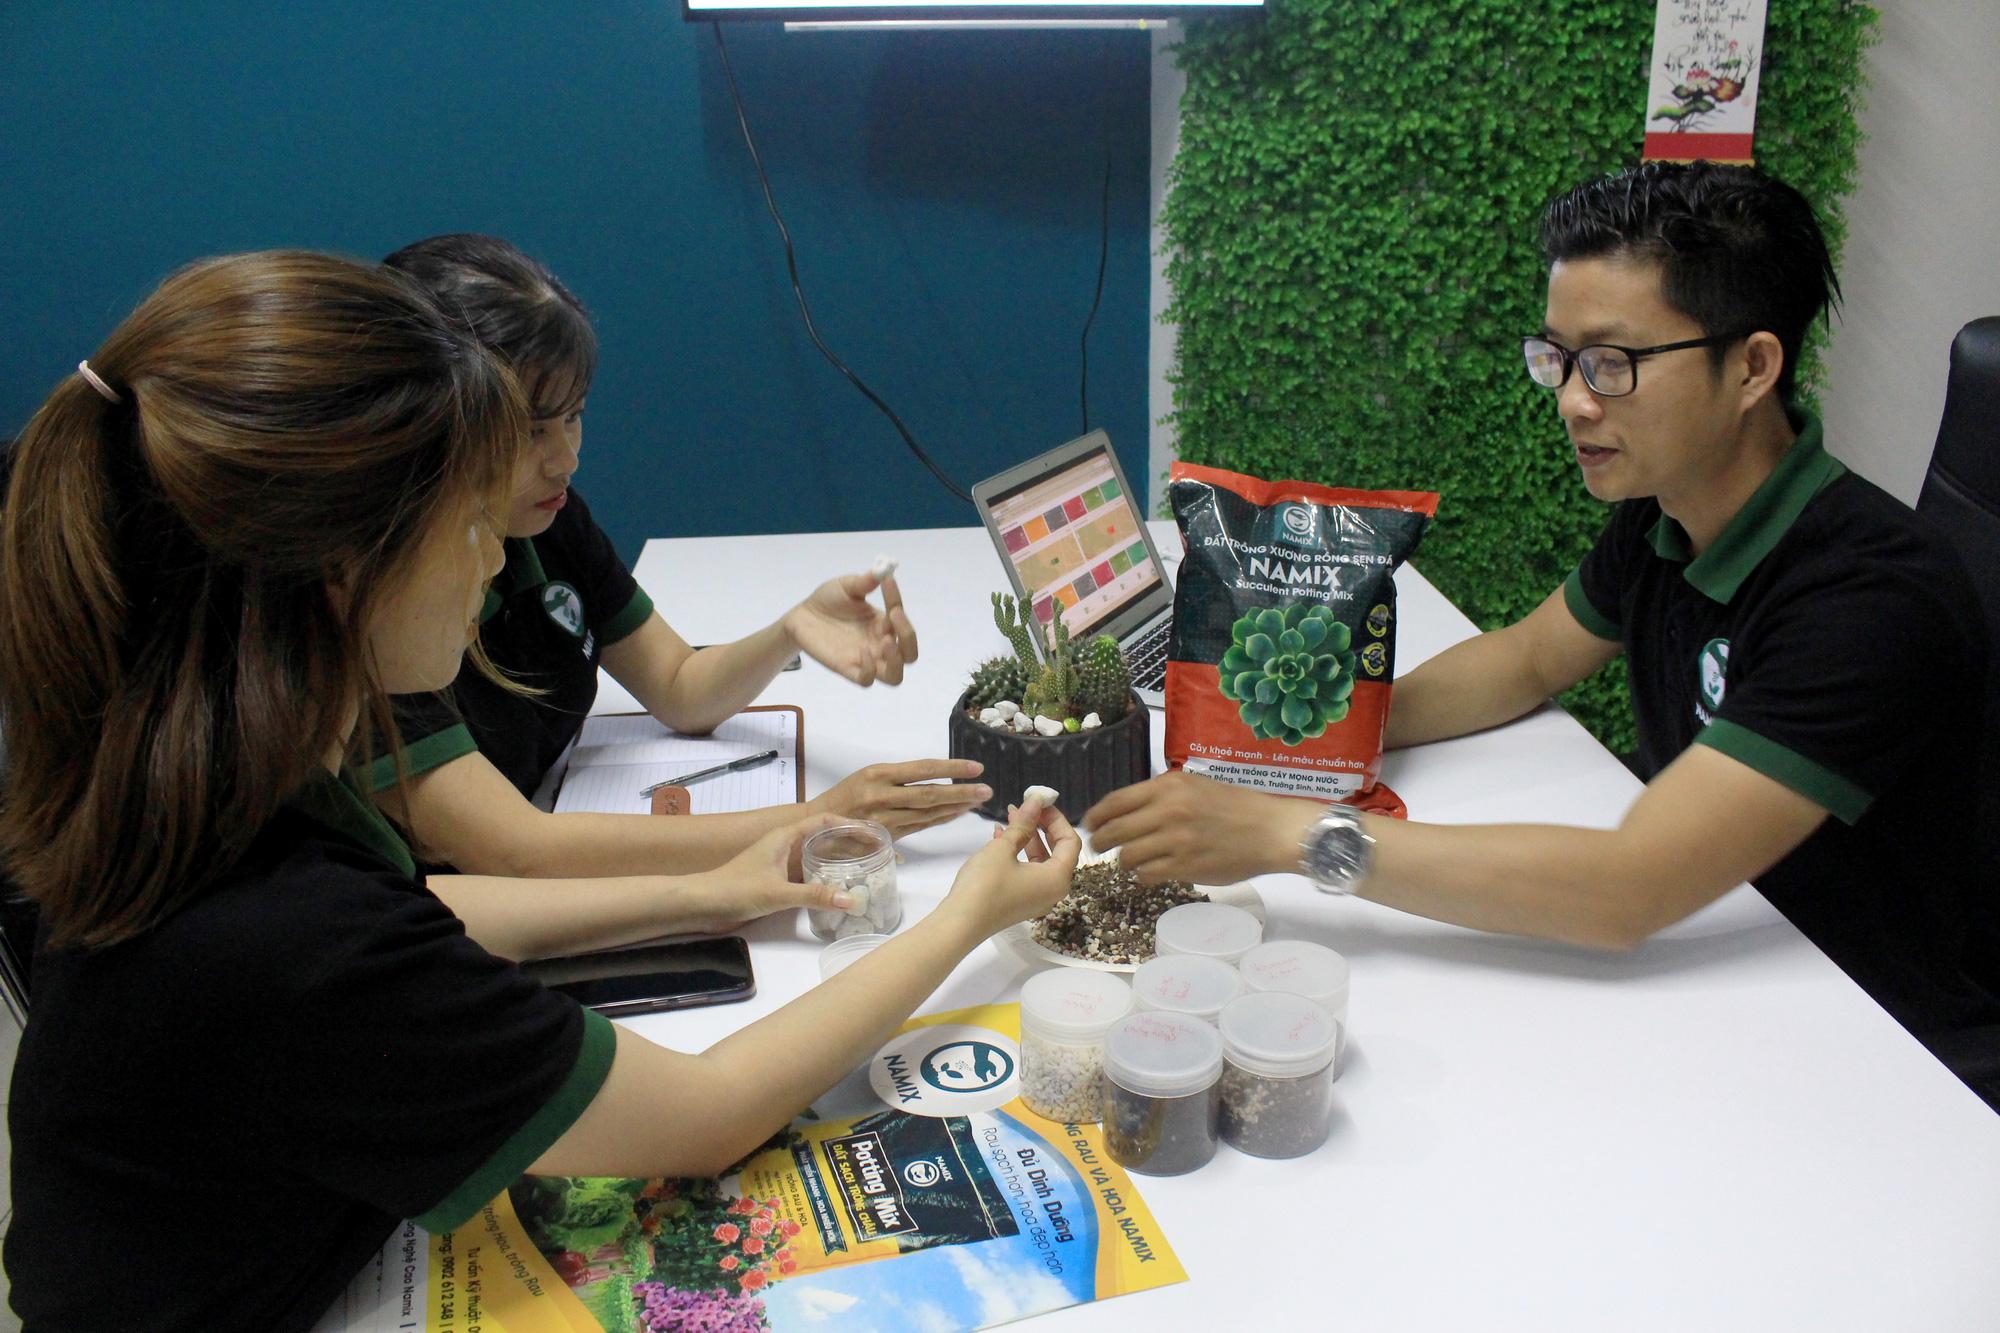 Đất trồng của chàng trai này có gì đặc biệt mà xuất khẩu được qua Singapore? - Ảnh 11.